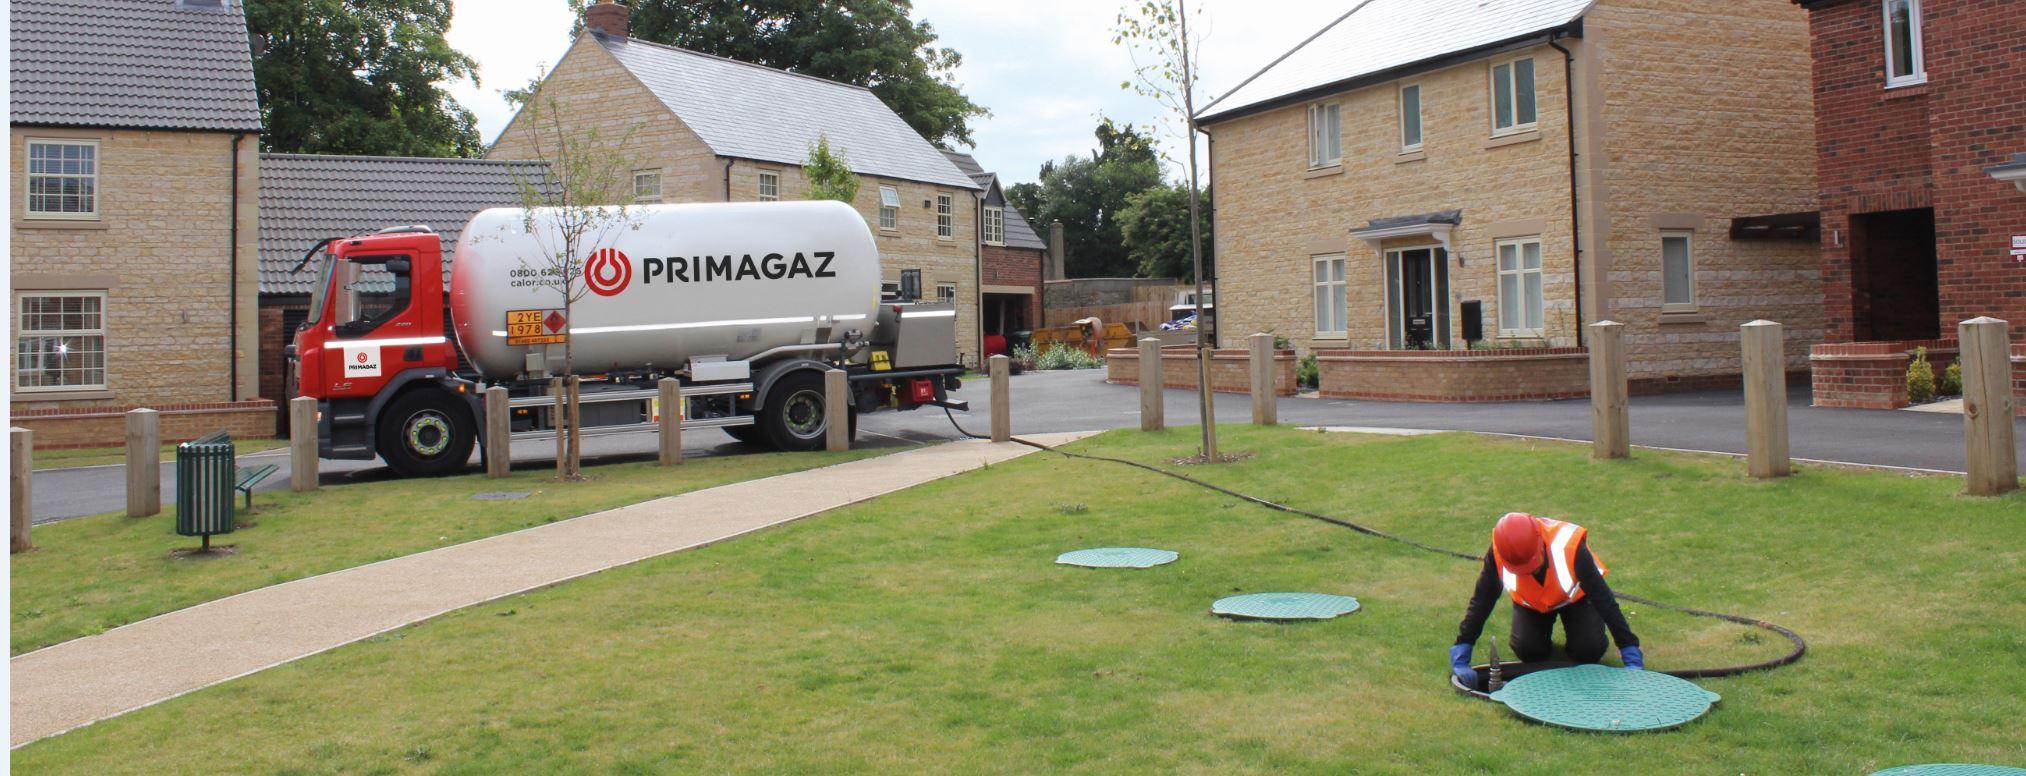 Livraison de gaz chez Primagaz